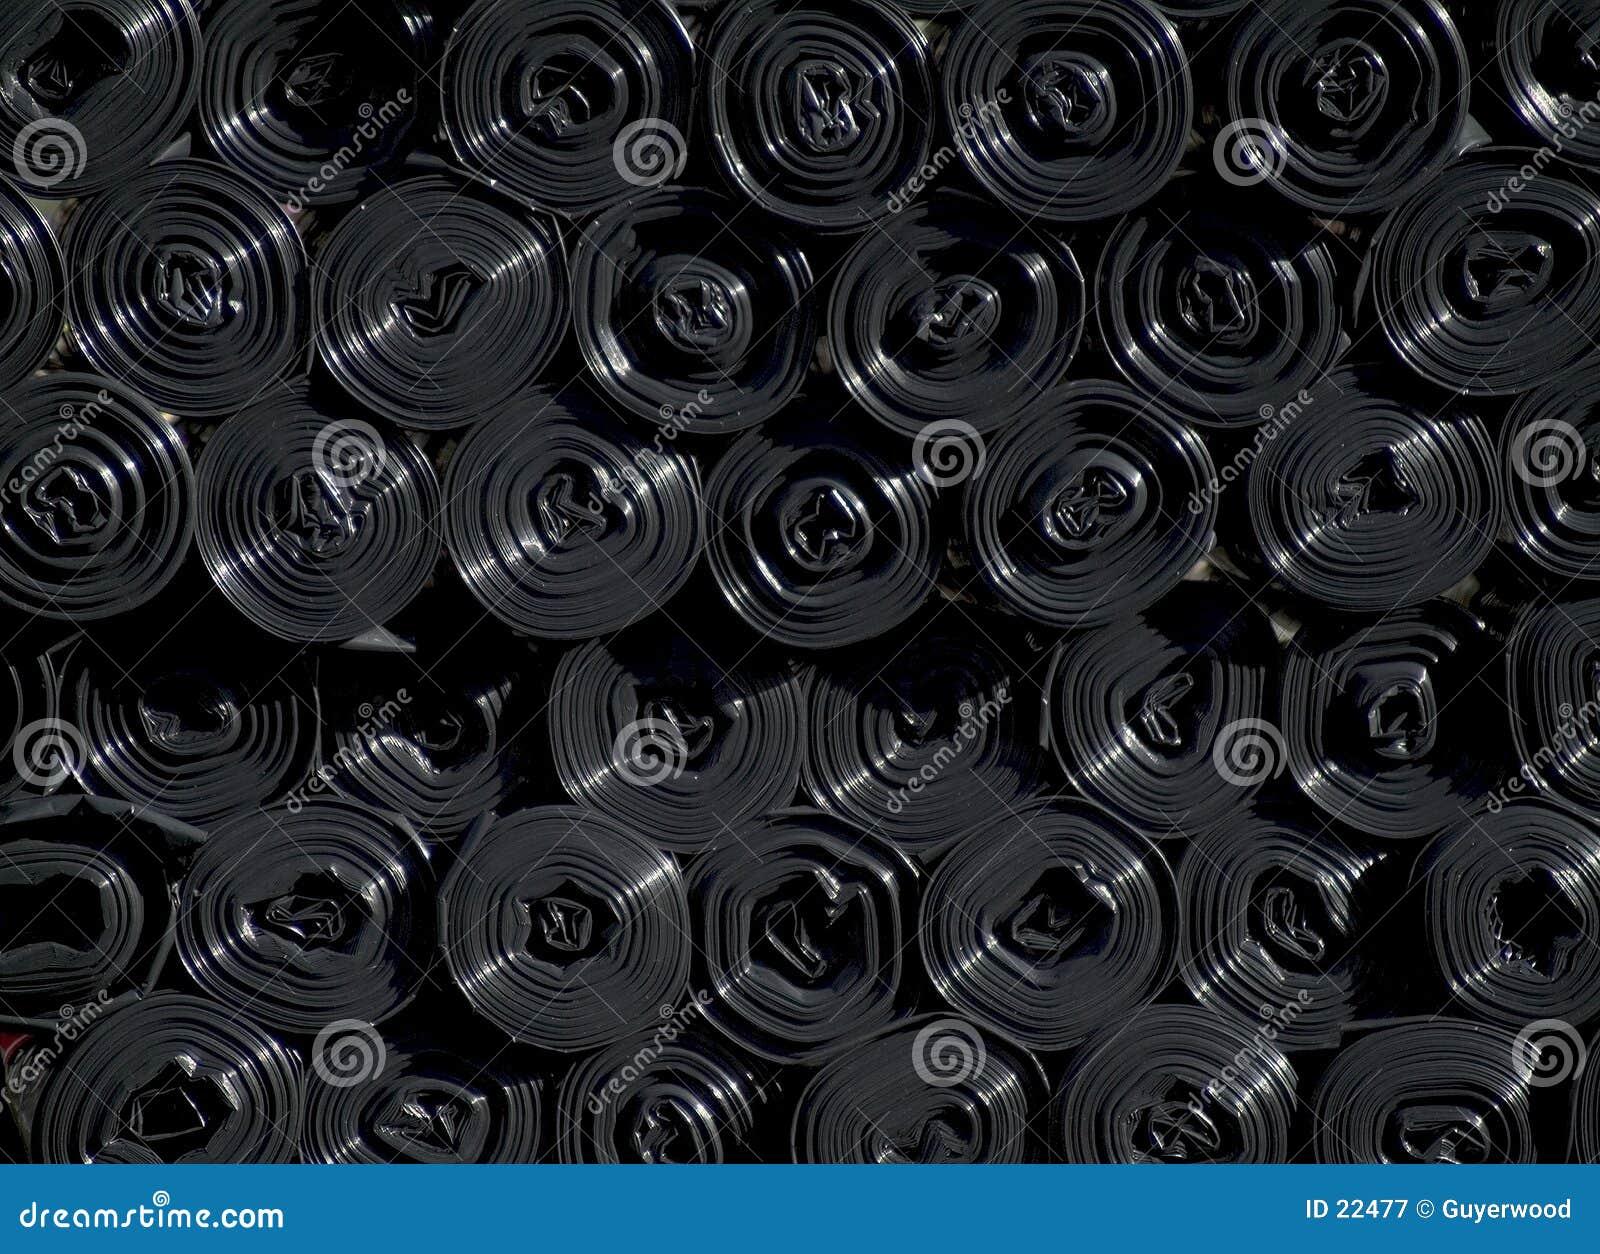 черная пластмасса свертывает вкладыши